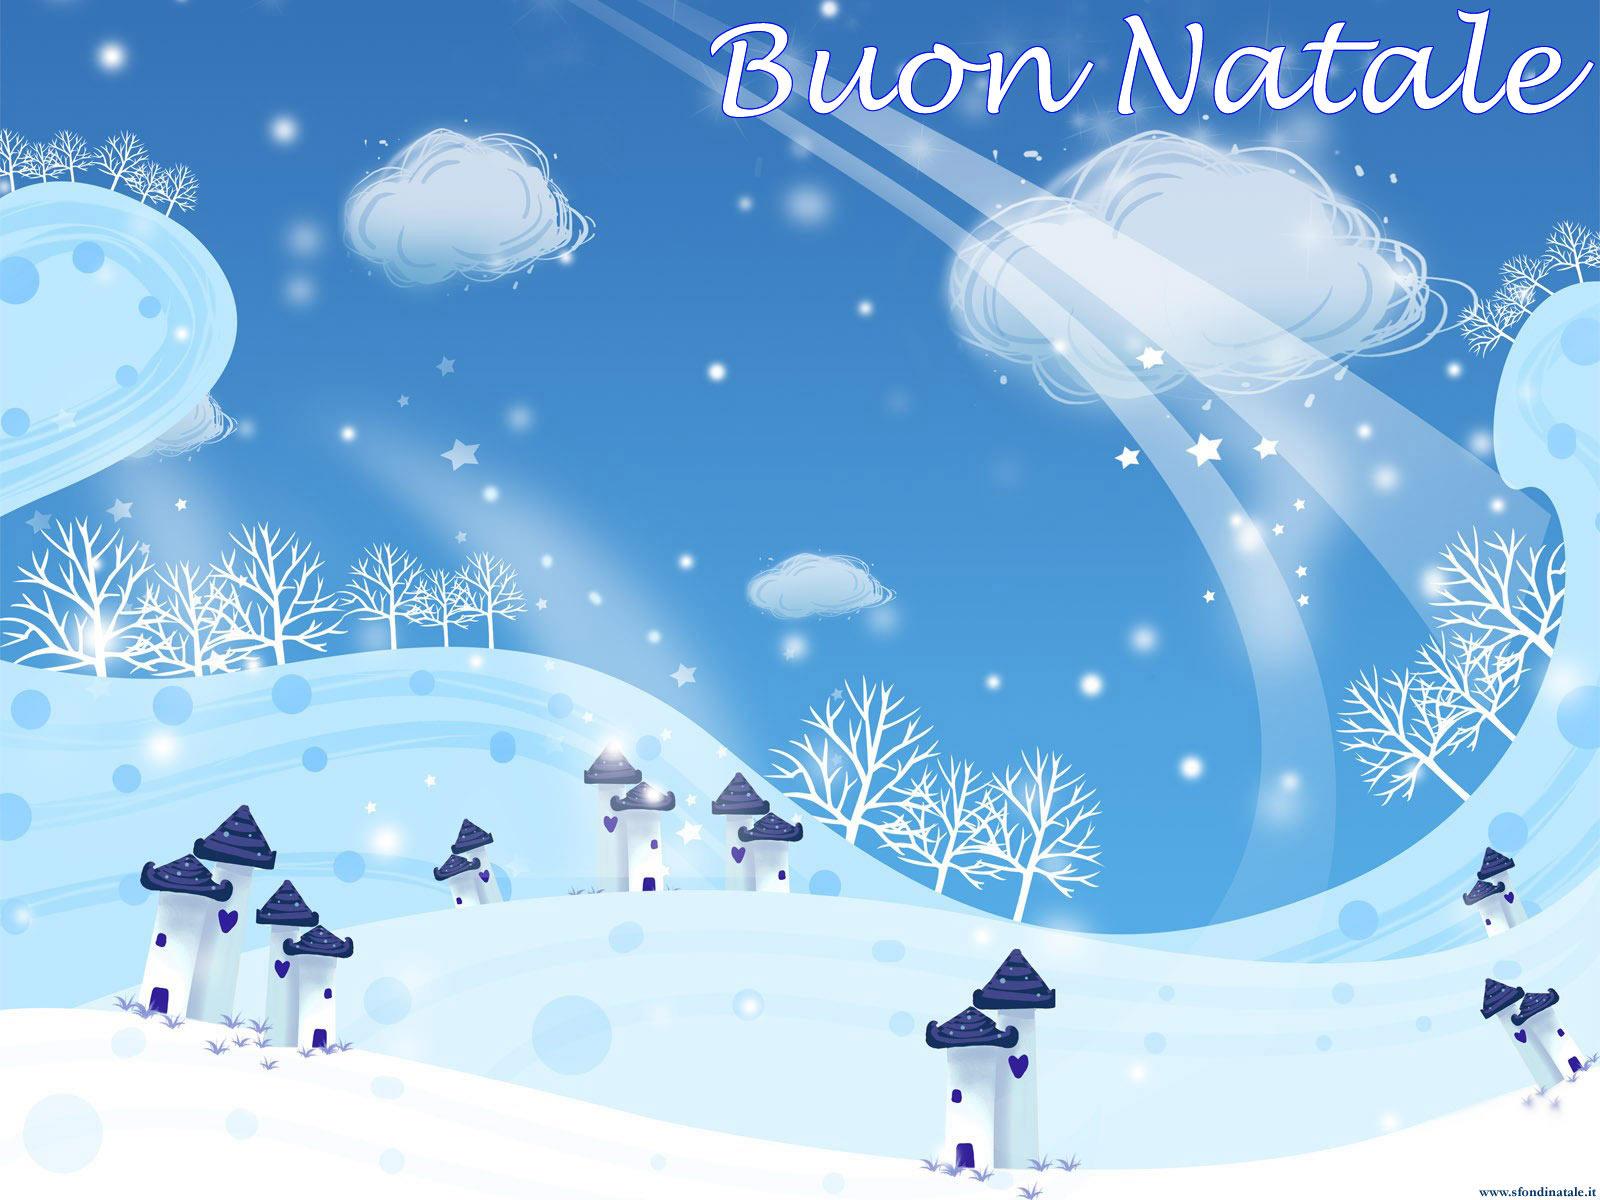 Sfondi Natale - Sfondo Natale bello